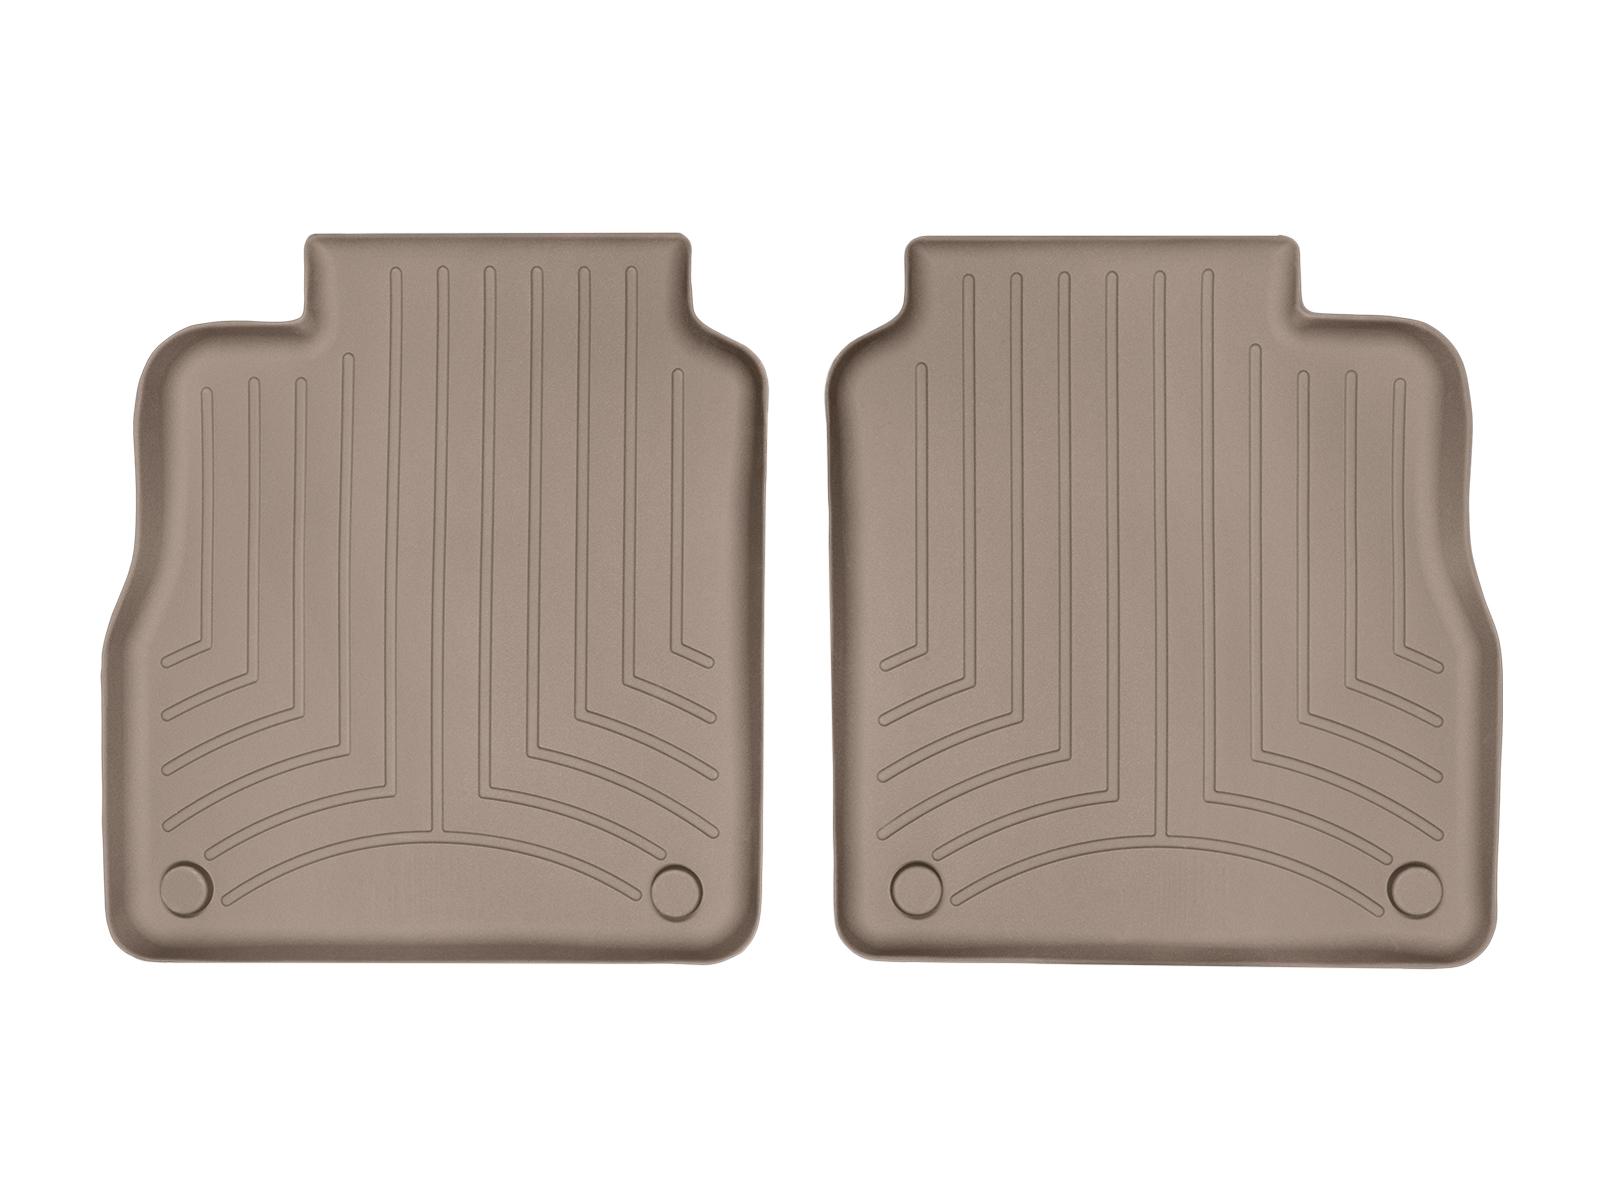 Tappeti gomma su misura bordo alto Porsche® Panamera 10>16 Marrone A3172